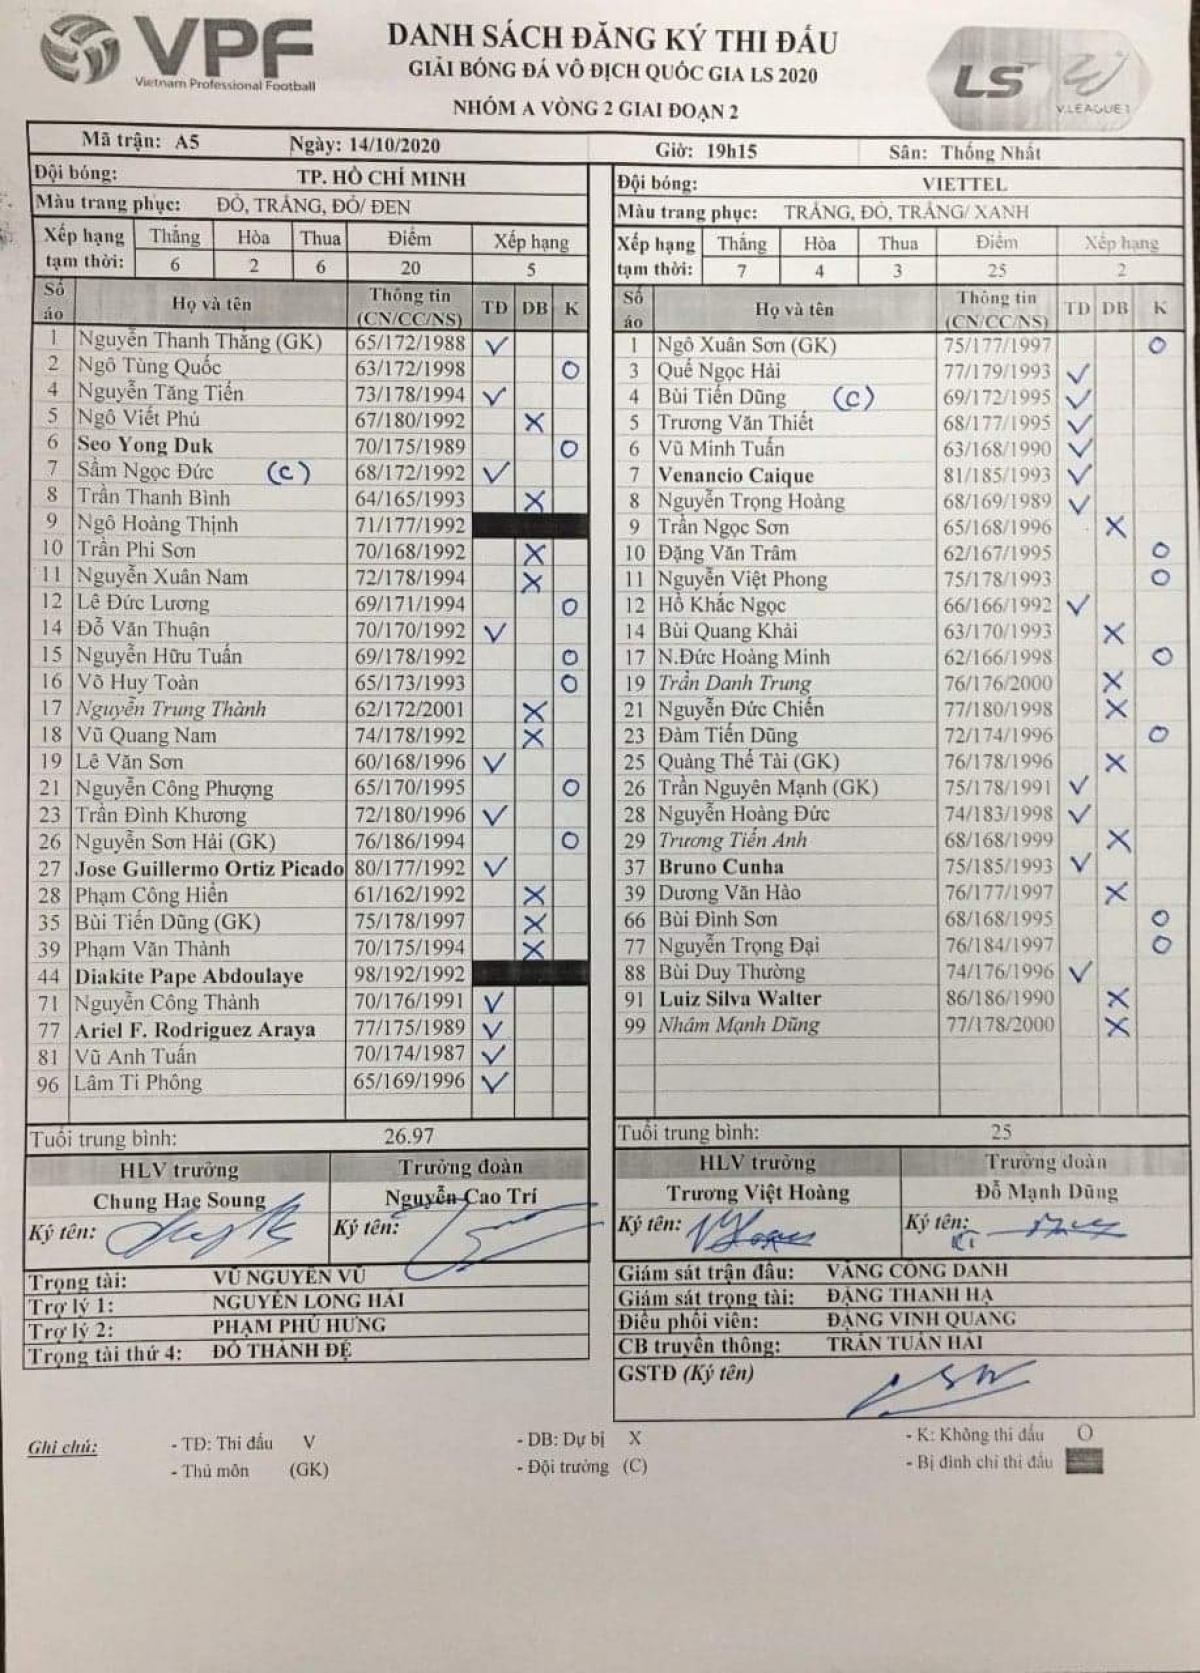 Danh sách đăng ký thi đấu của 2 đội. (Ảnh: VPF).